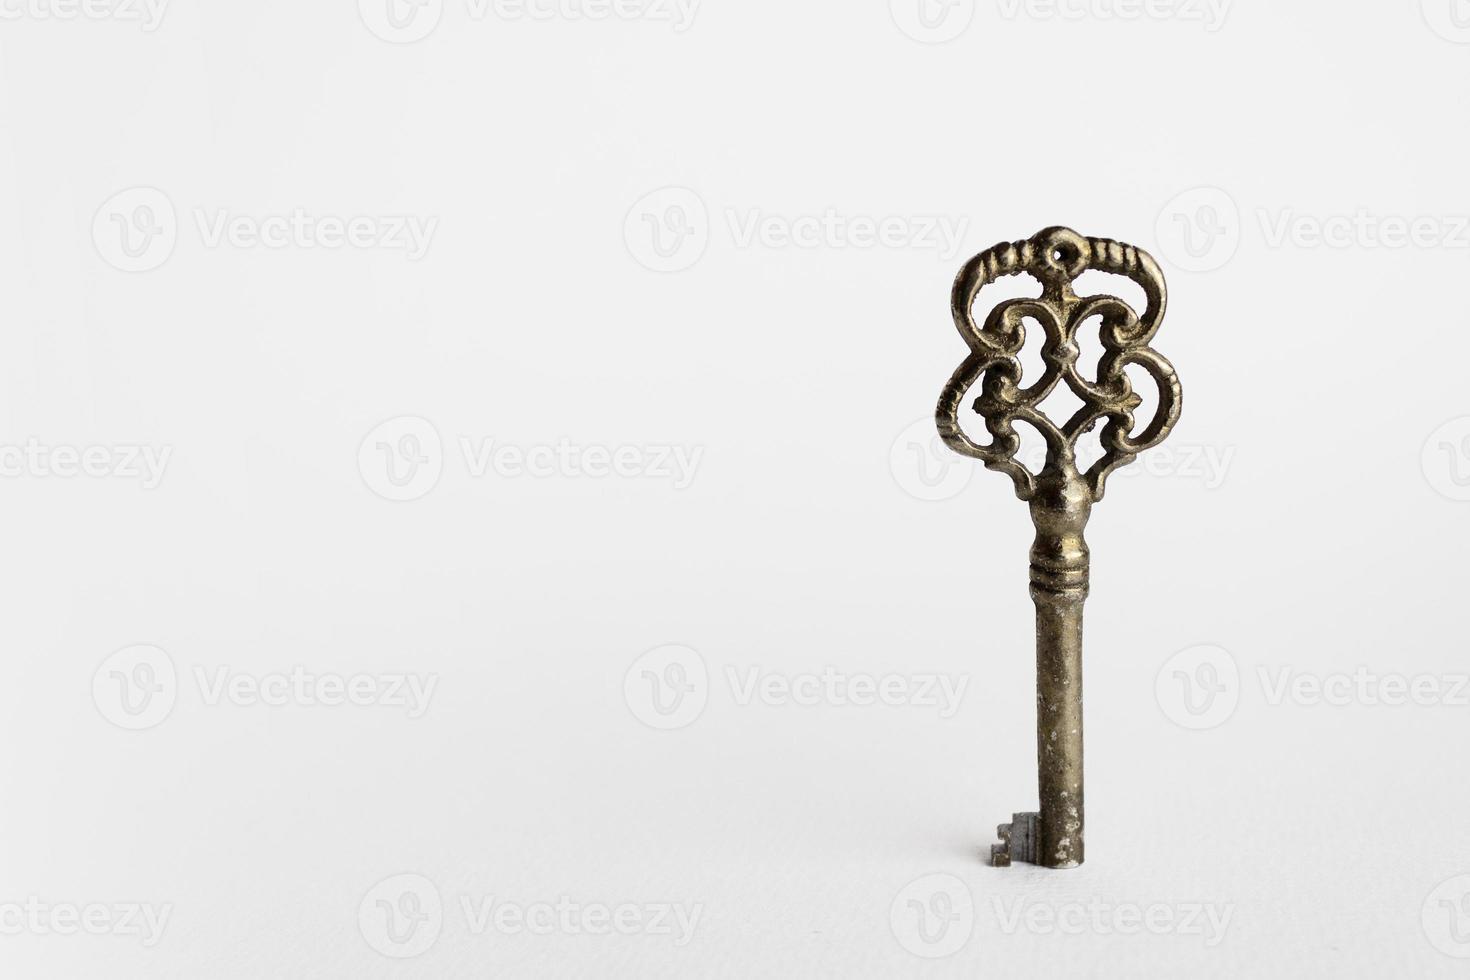 ancienne clé sur fond blanc avec espace de copie photo